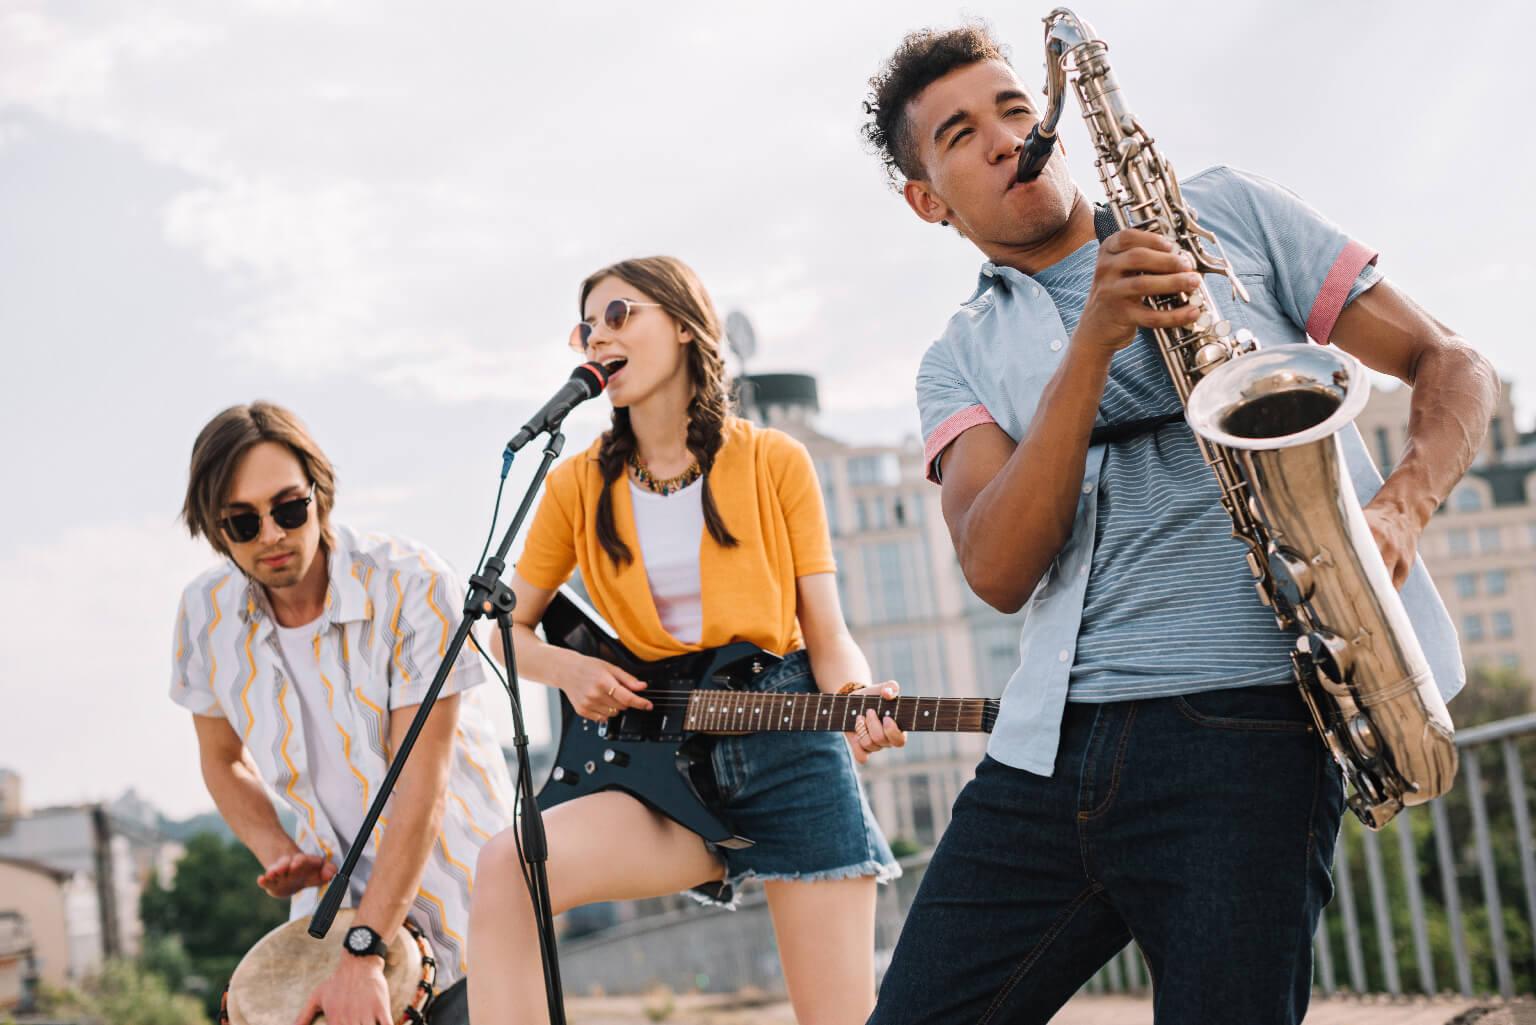 Jóvenes multirraciales con guitarra, djembe y saxofón actuando en la calle